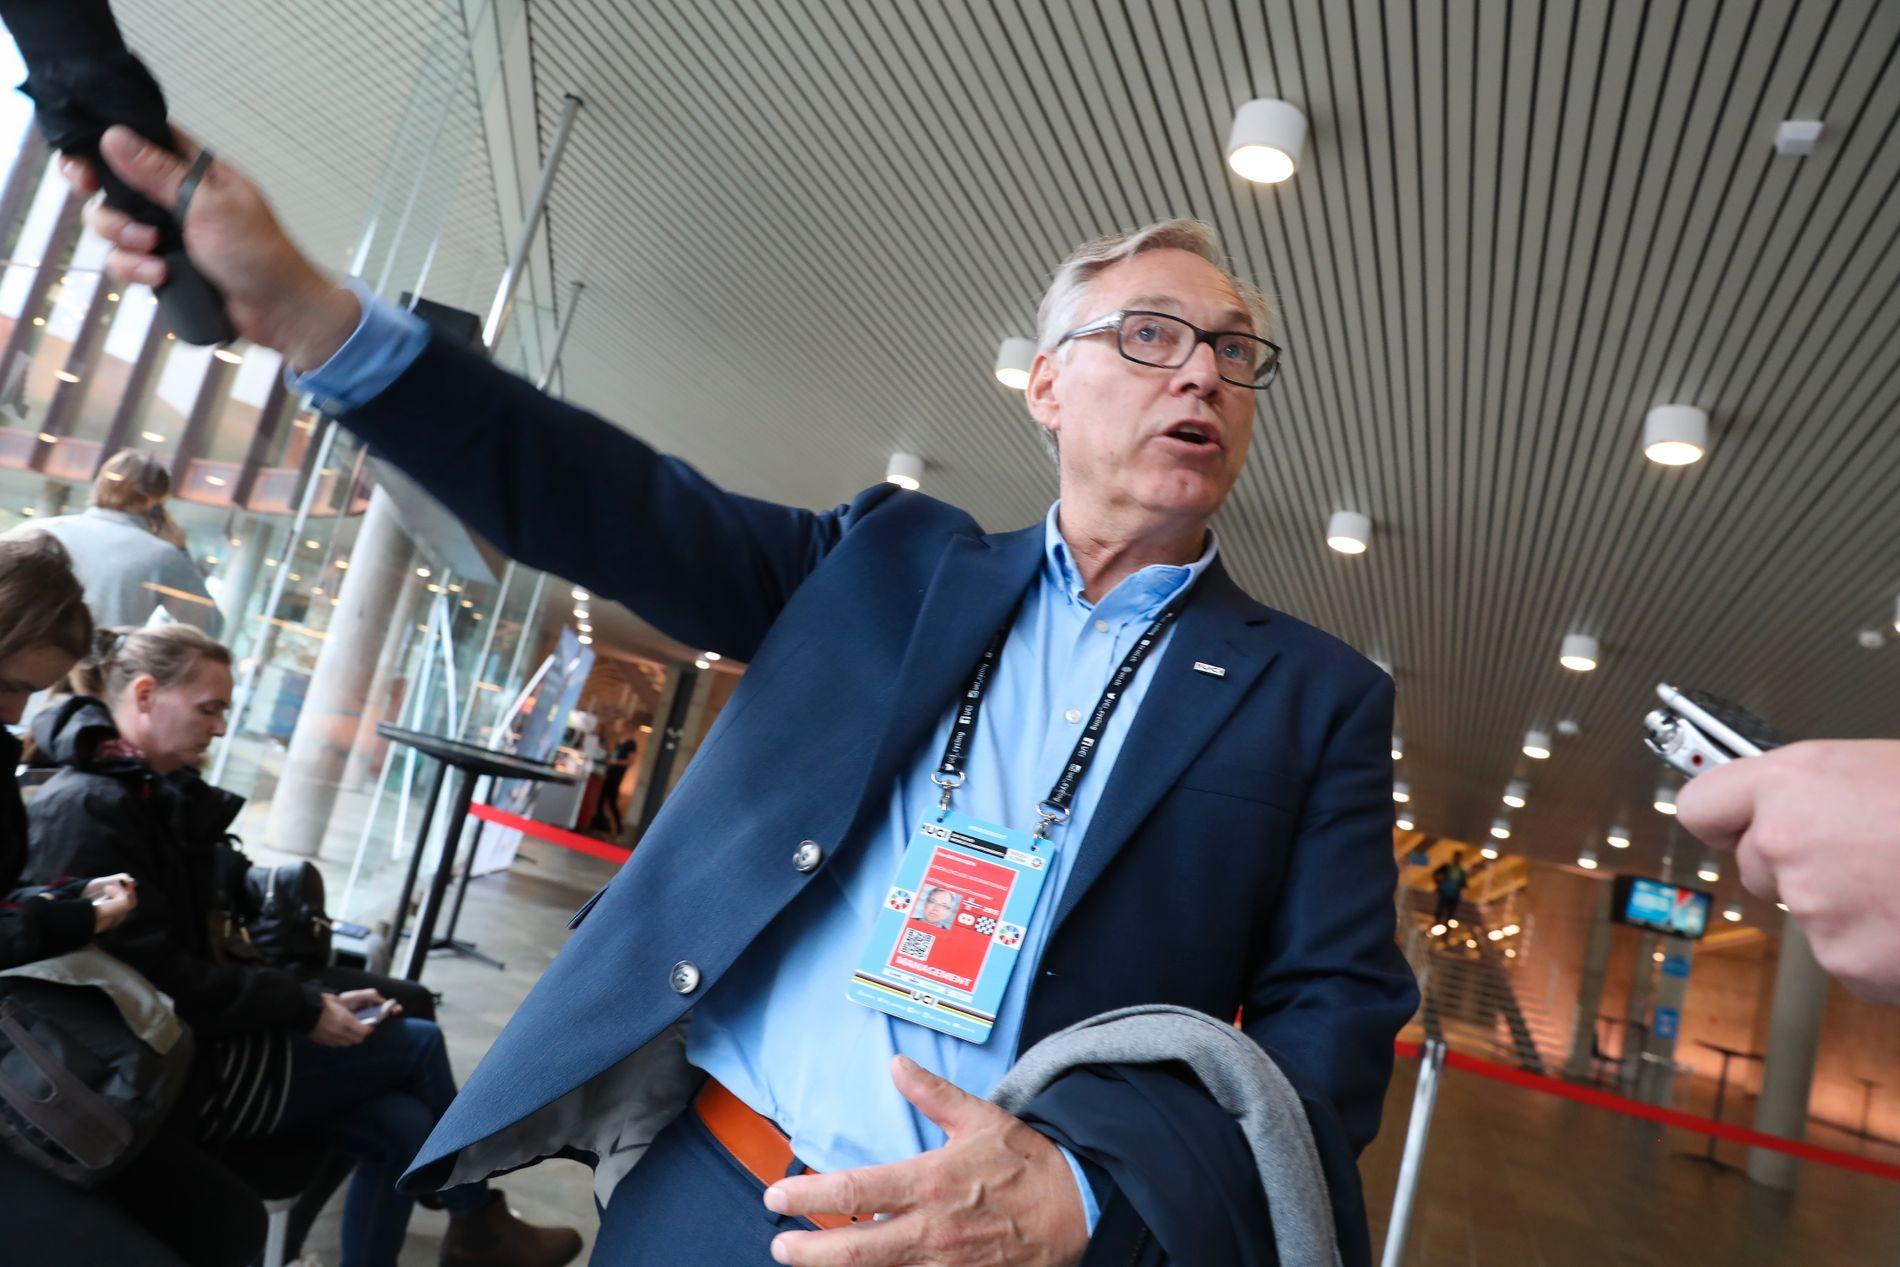 SLIPPER ANMELDELSE – FORELØPIG: Harald Tiedemann Hansen satt på tre sider av bordet under VM i Bergen. I dag har han fortsatt en rolle i Norges Cykleforbund og UCI.